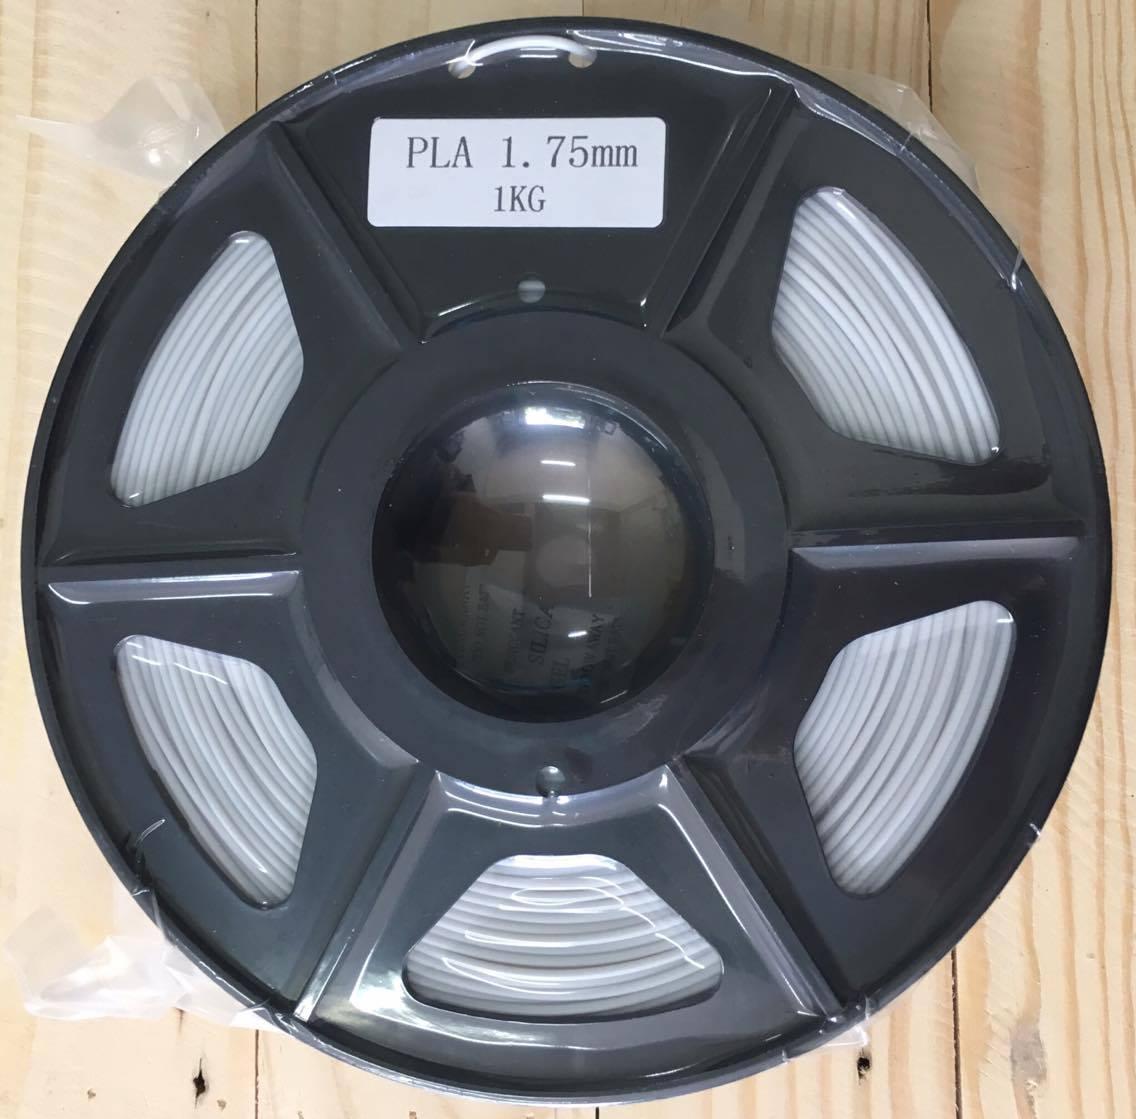 เส้นวัสดุ PLA ม้วนละ 1 กิโลกรัม (สีเทาอ่อน)